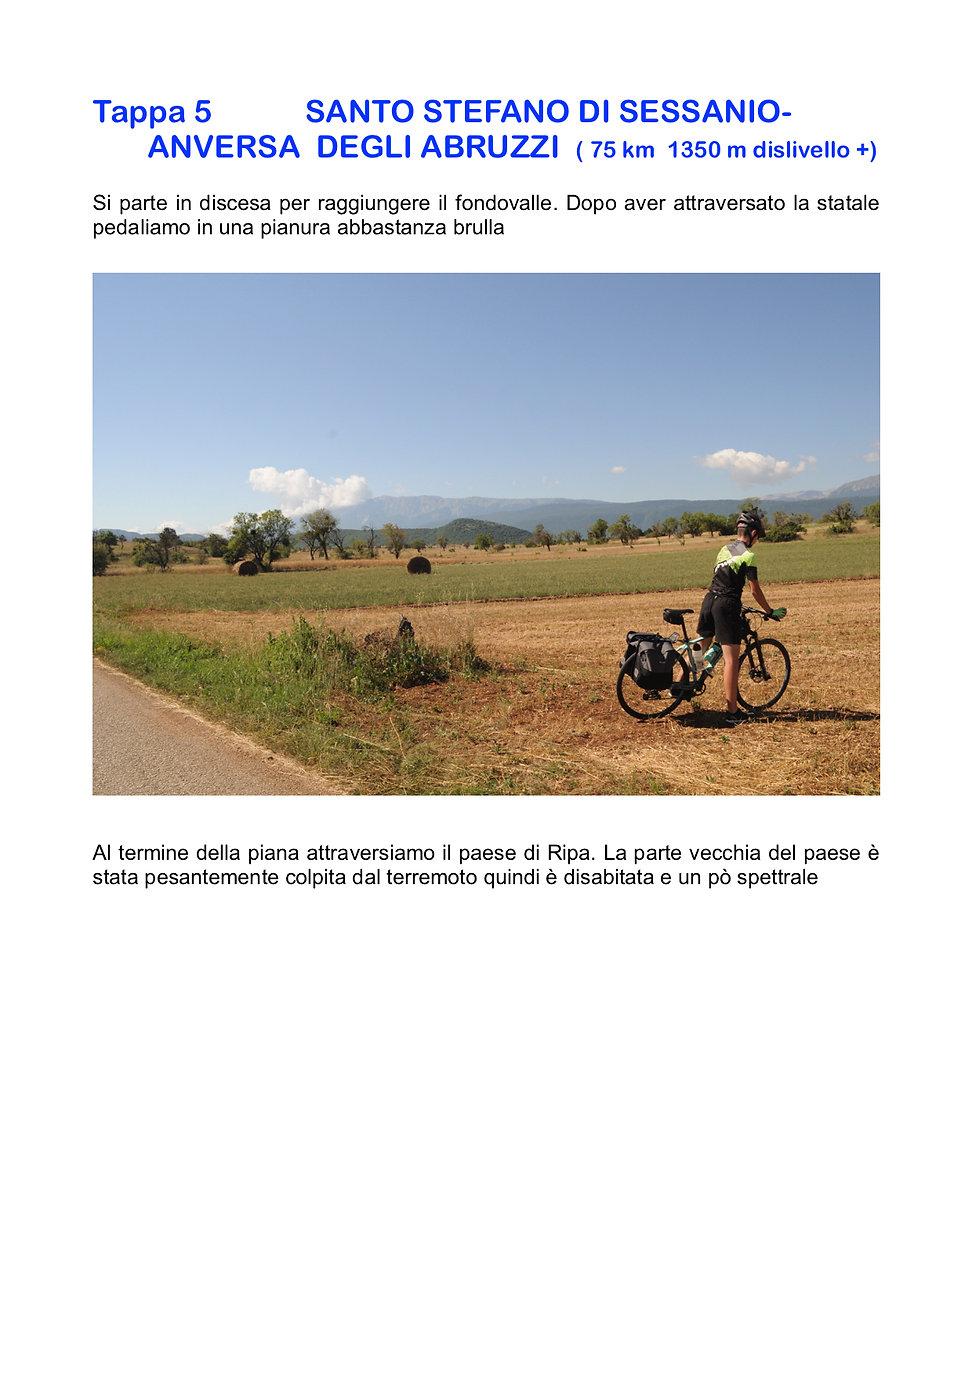 Abruzzi14.jpg